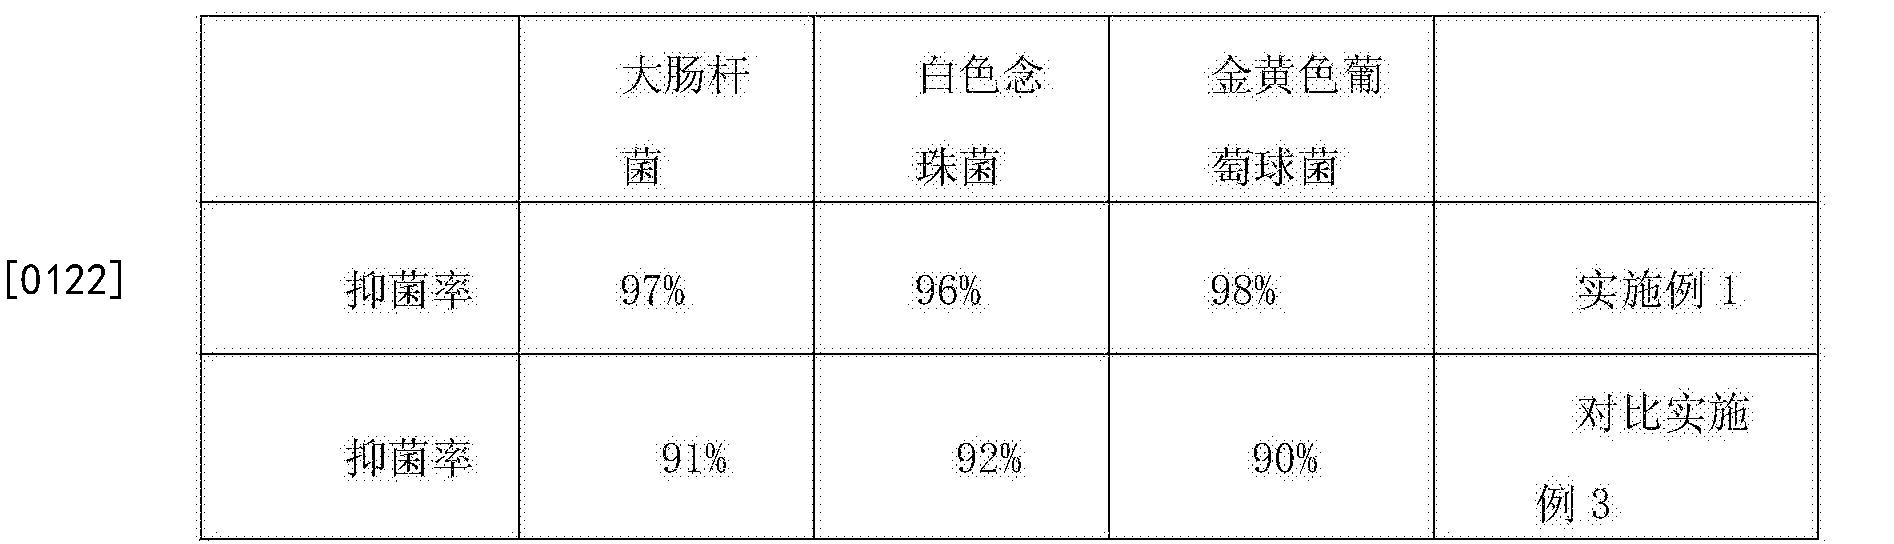 Figure CN105901782BD00123